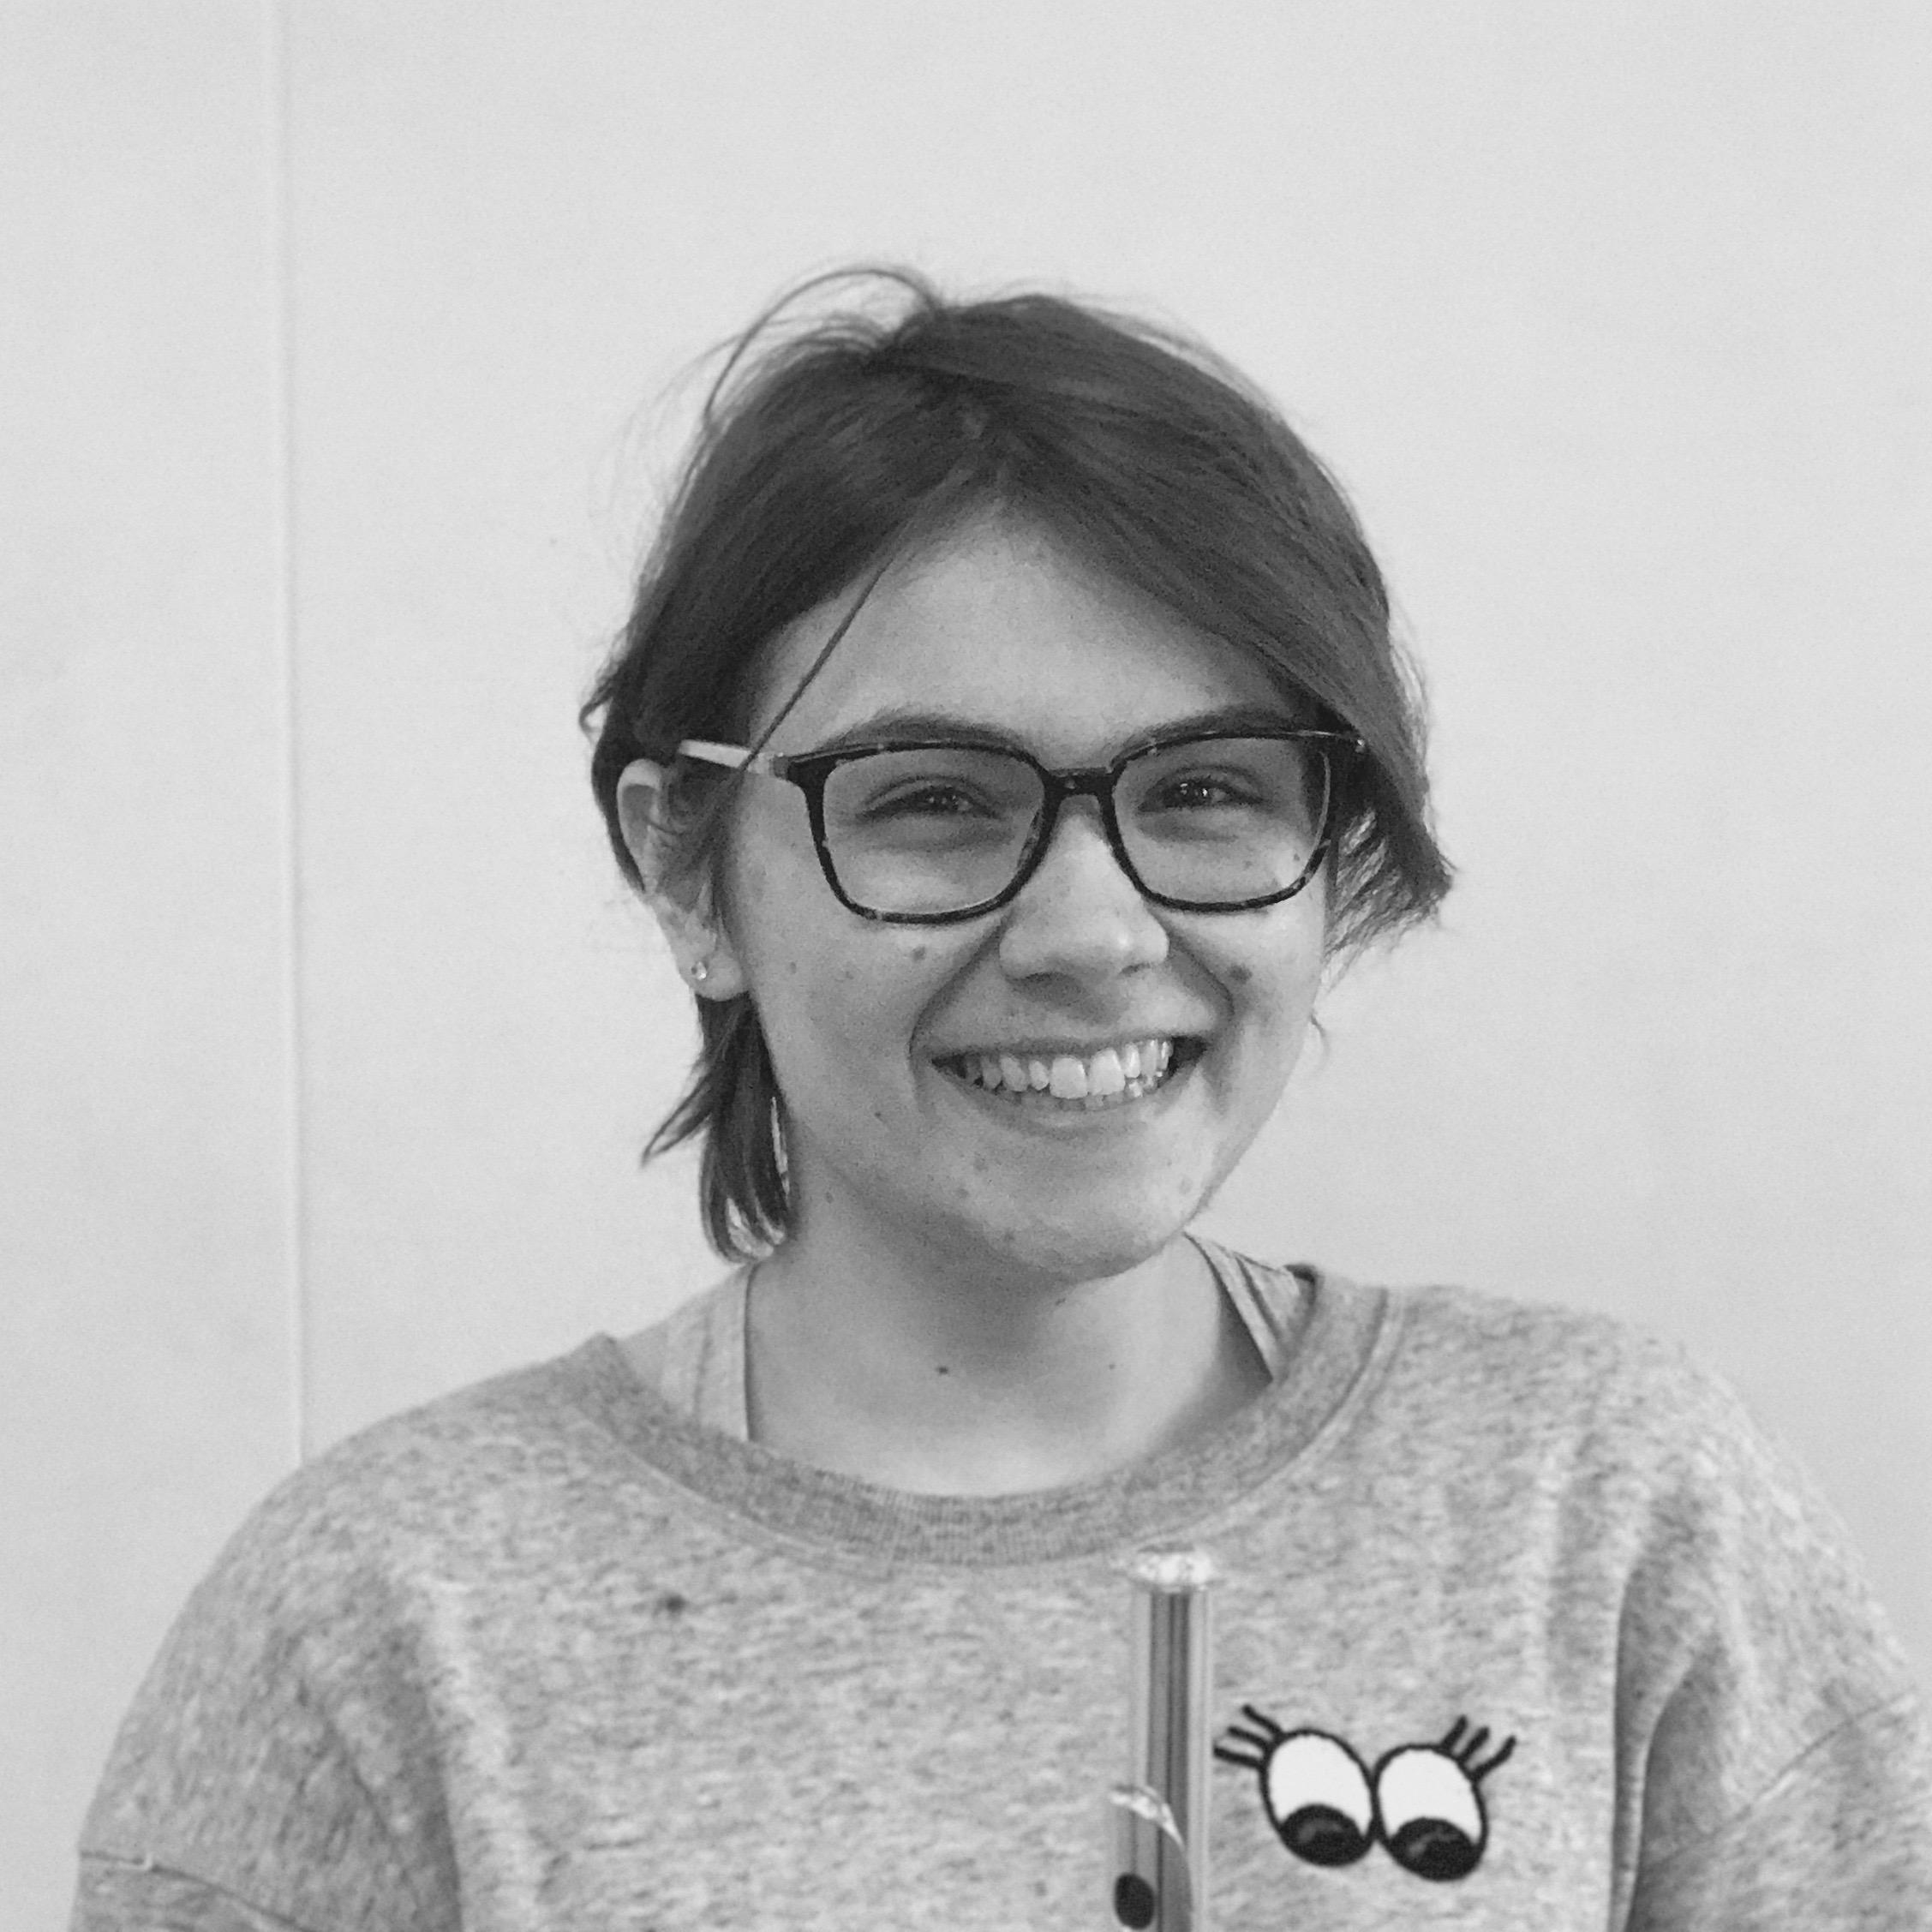 Mariella Annicchiarico